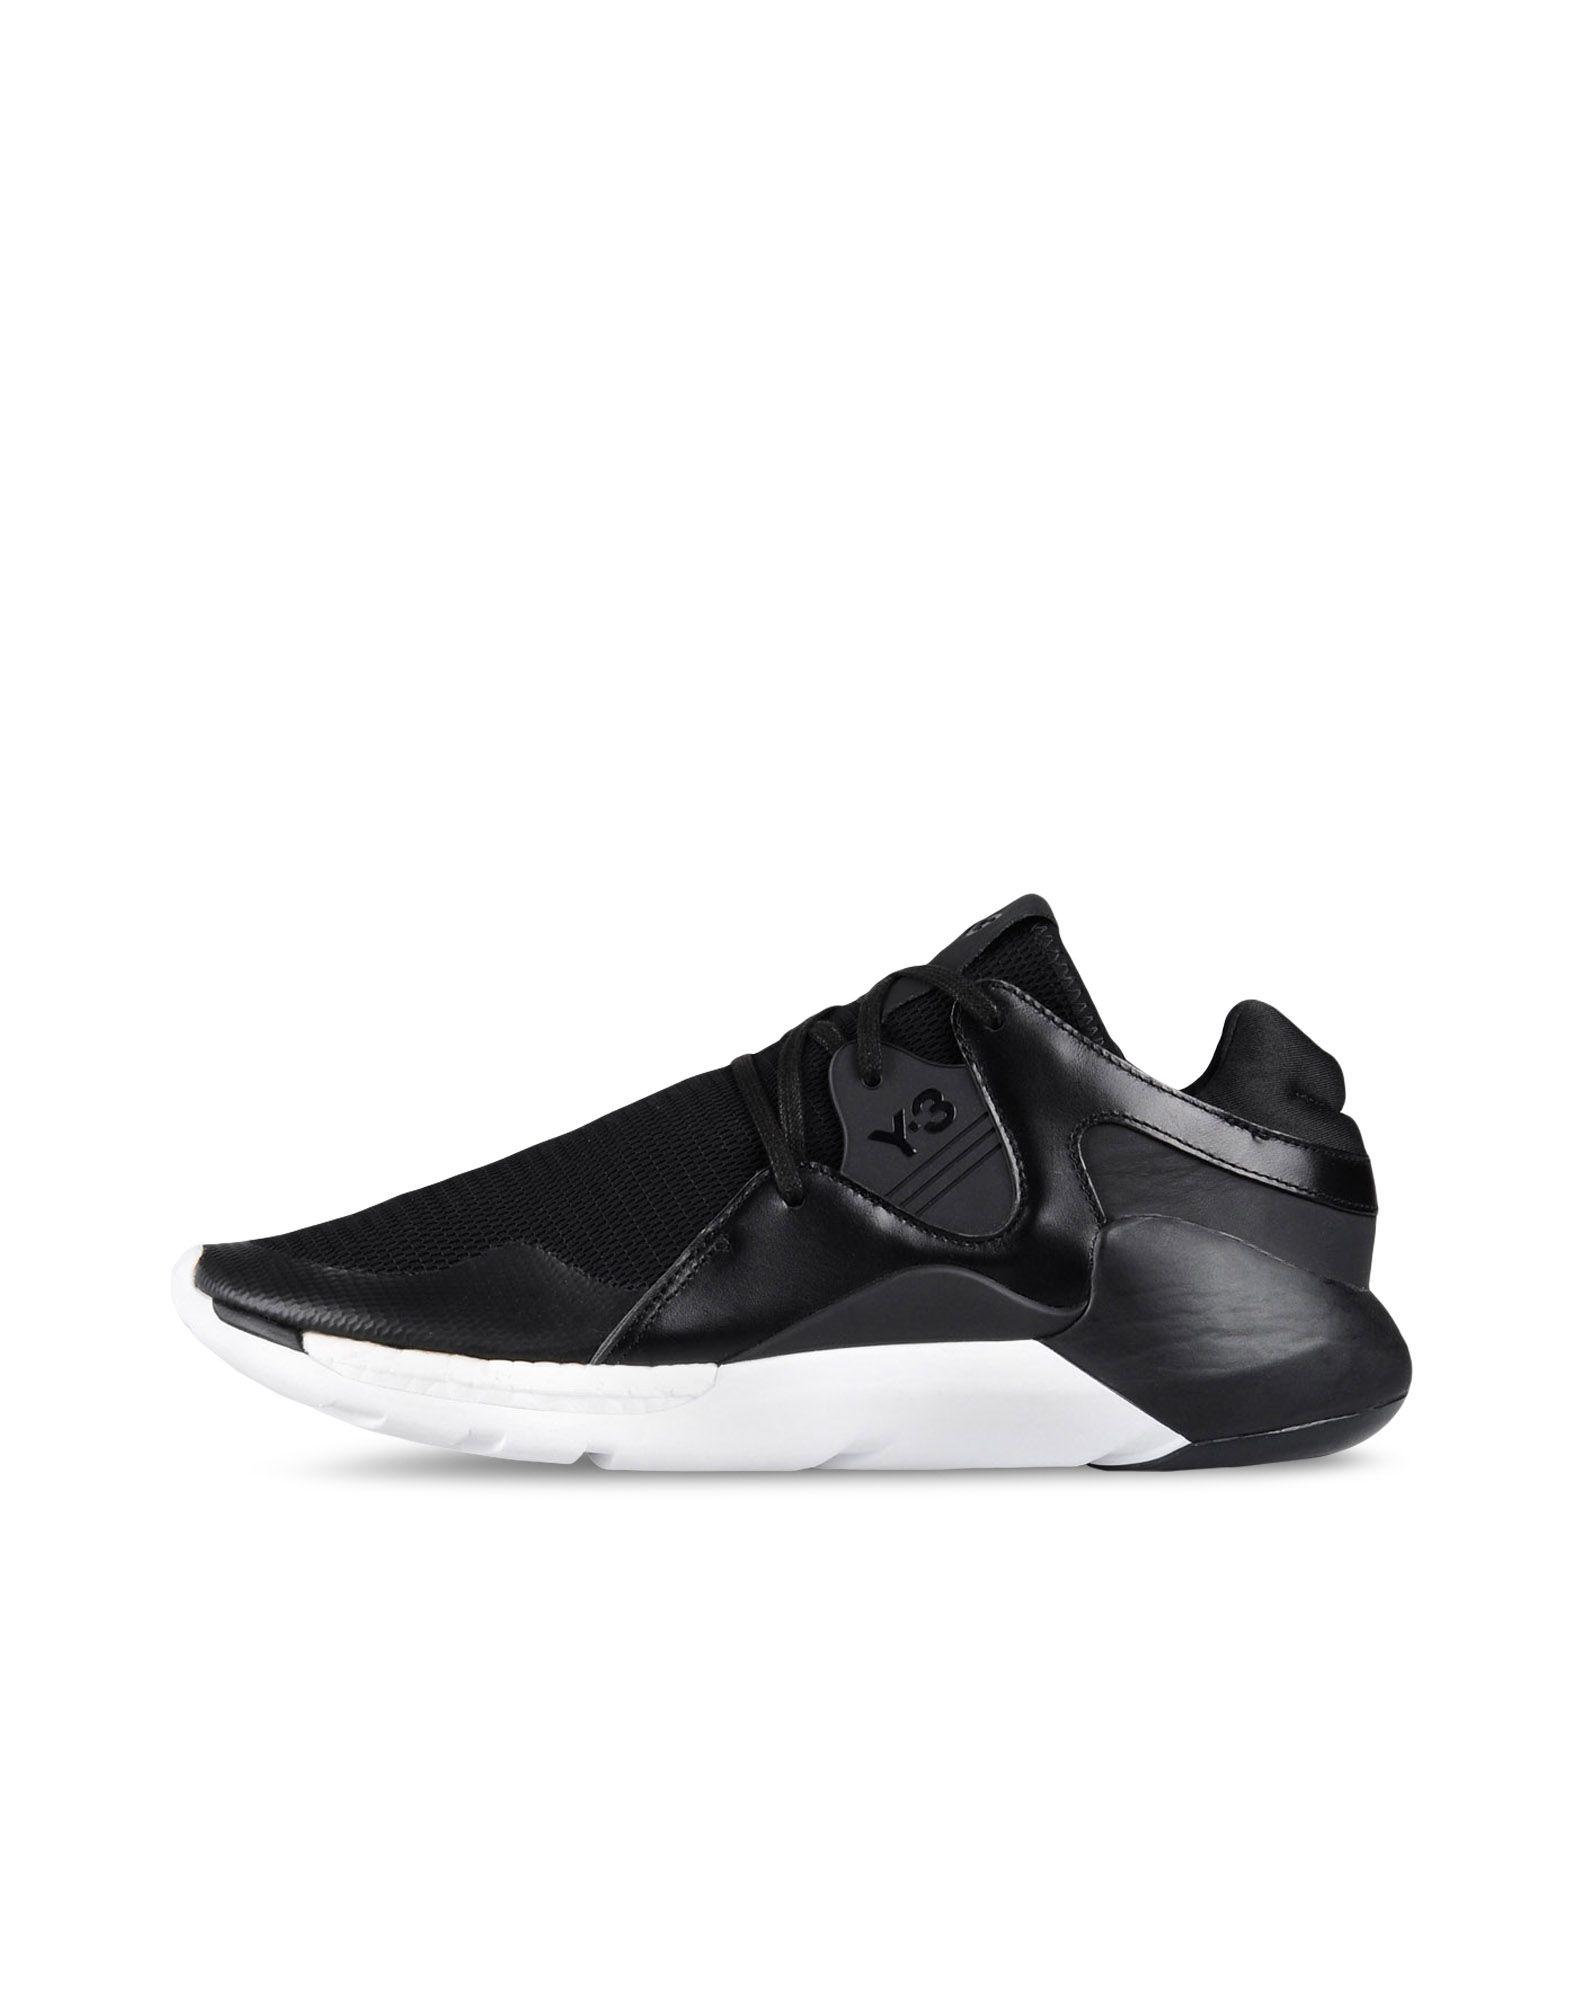 Y 3 QR RUN Sneakers | Adidas Y 3 Official Site